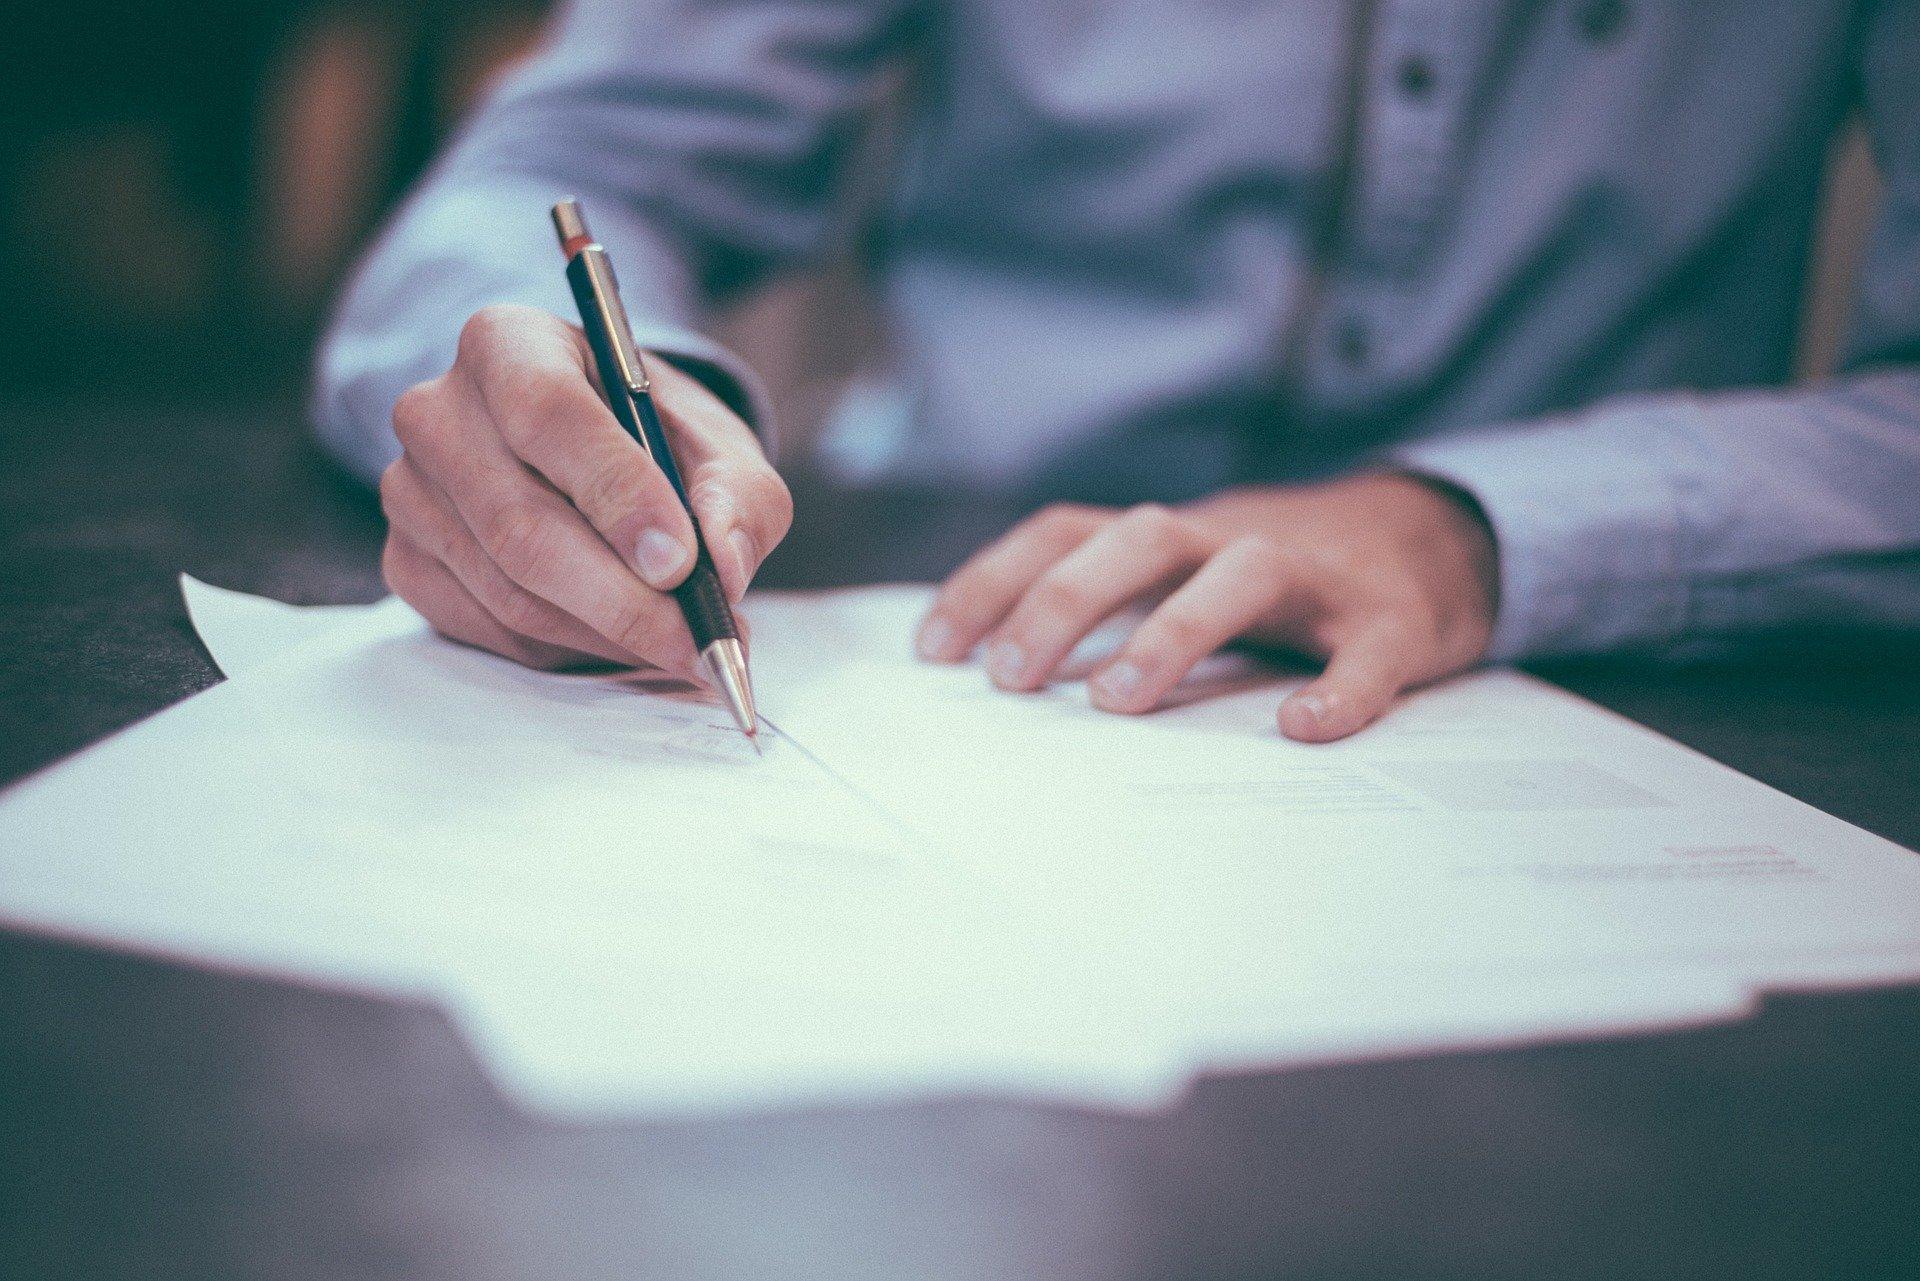 Súmula 595 STJ: RESPONSABILIDADE PELO VÍCIO DO SERVIÇO:  Indenização em caso de curso de ensino superior não reconhecido